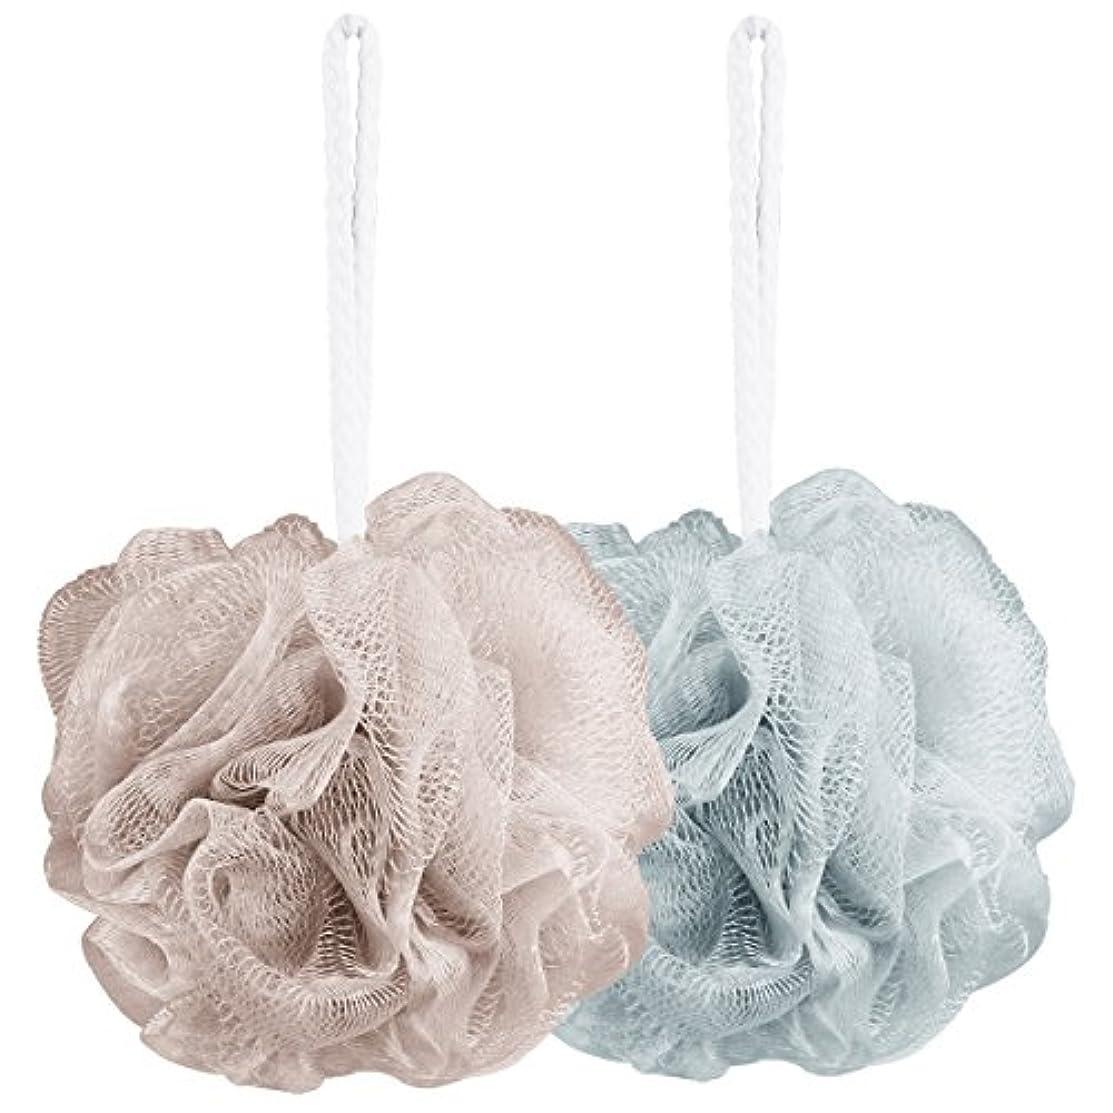 残忍な扇動チャンスAahlsen 泡立てネット 超柔軟 シャワー用 ボディ用お風呂ボール 花形 タオル 2点セット